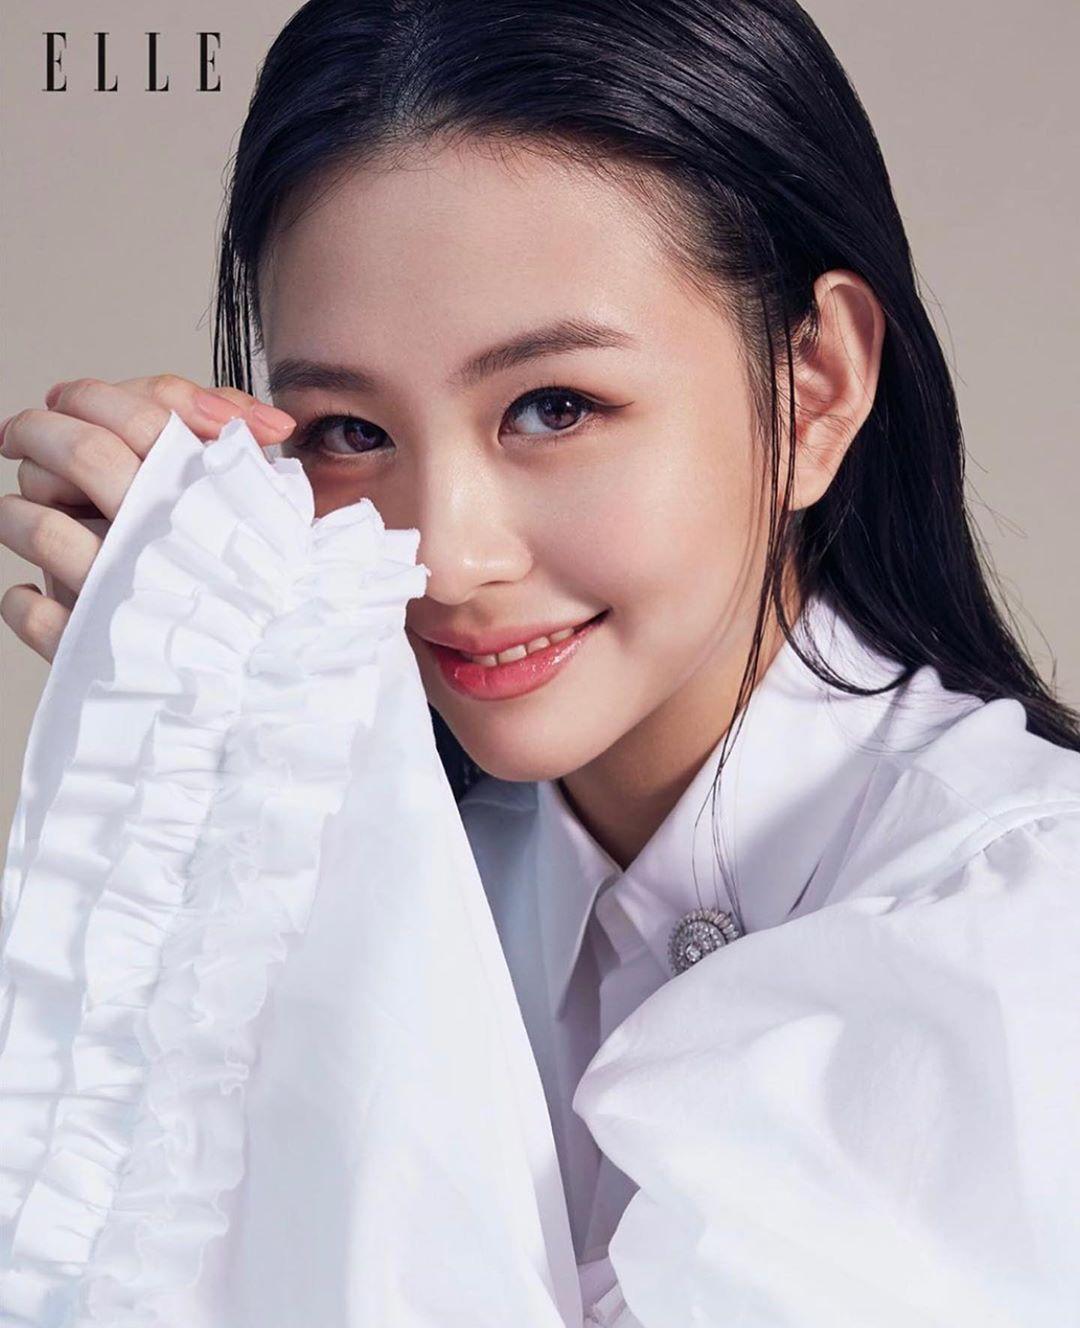 邱淑貞女兒登雜誌封面 遺傳「超強神顏」網驚呆:眼神跟媽媽完全一樣!